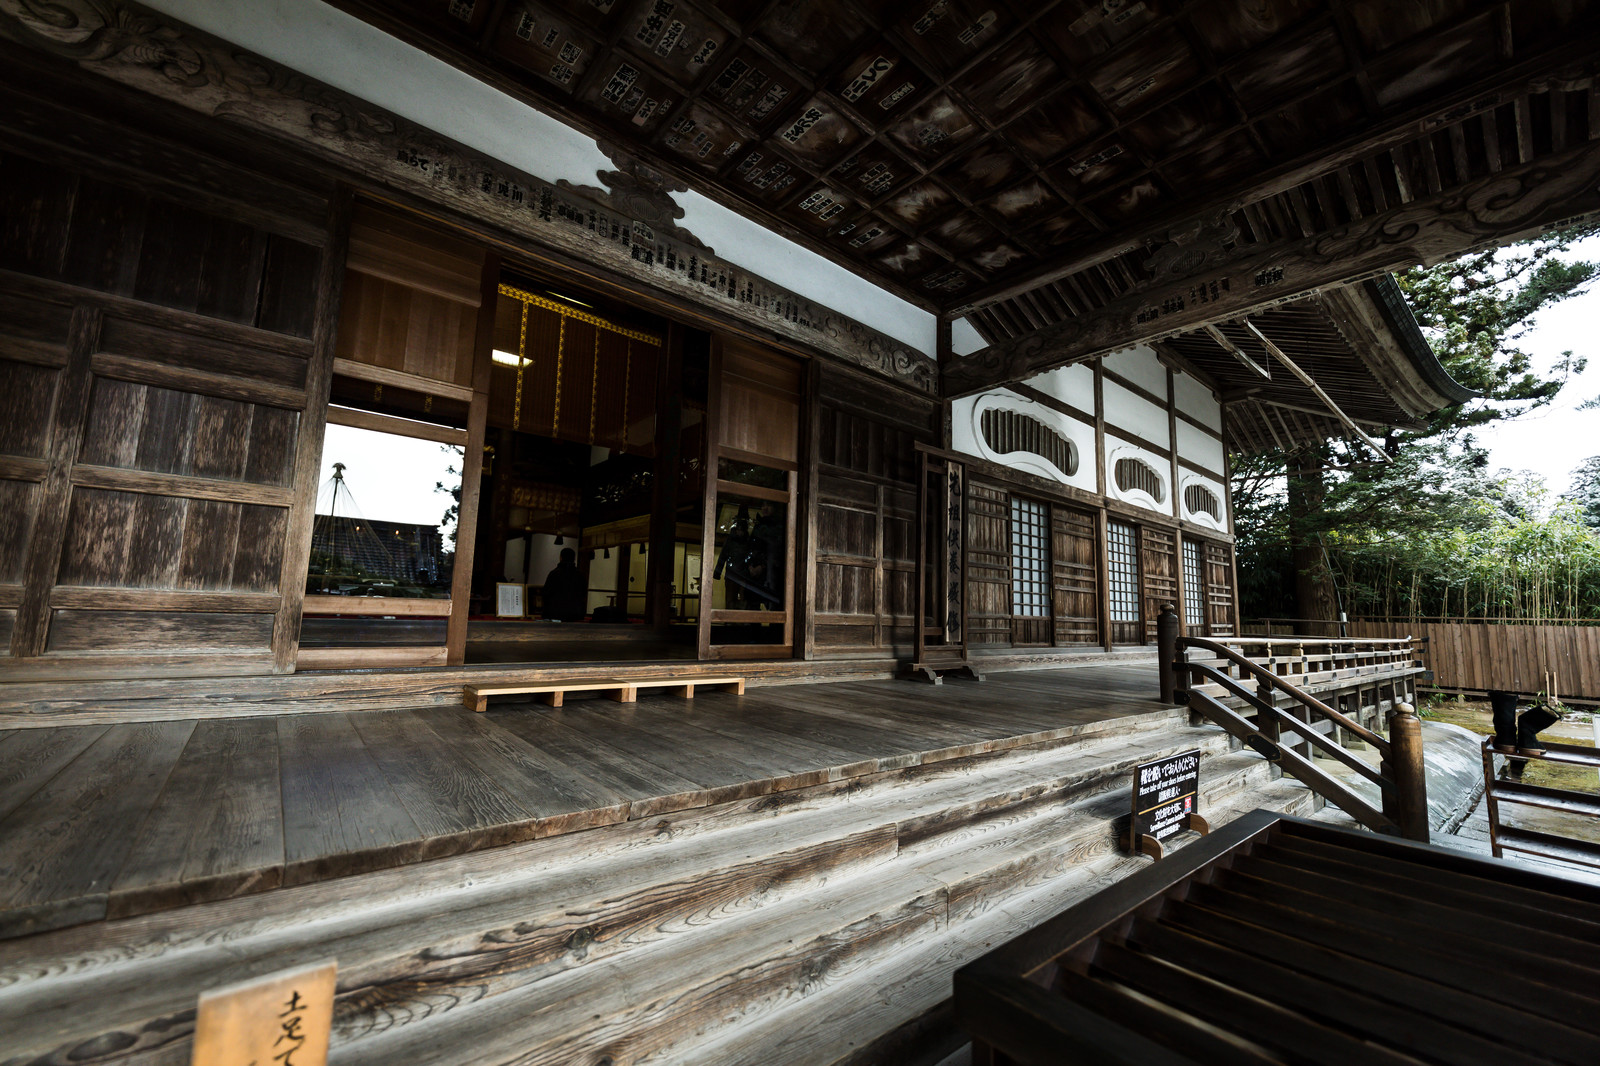 「中尊寺本堂の造り中尊寺本堂の造り」のフリー写真素材を拡大